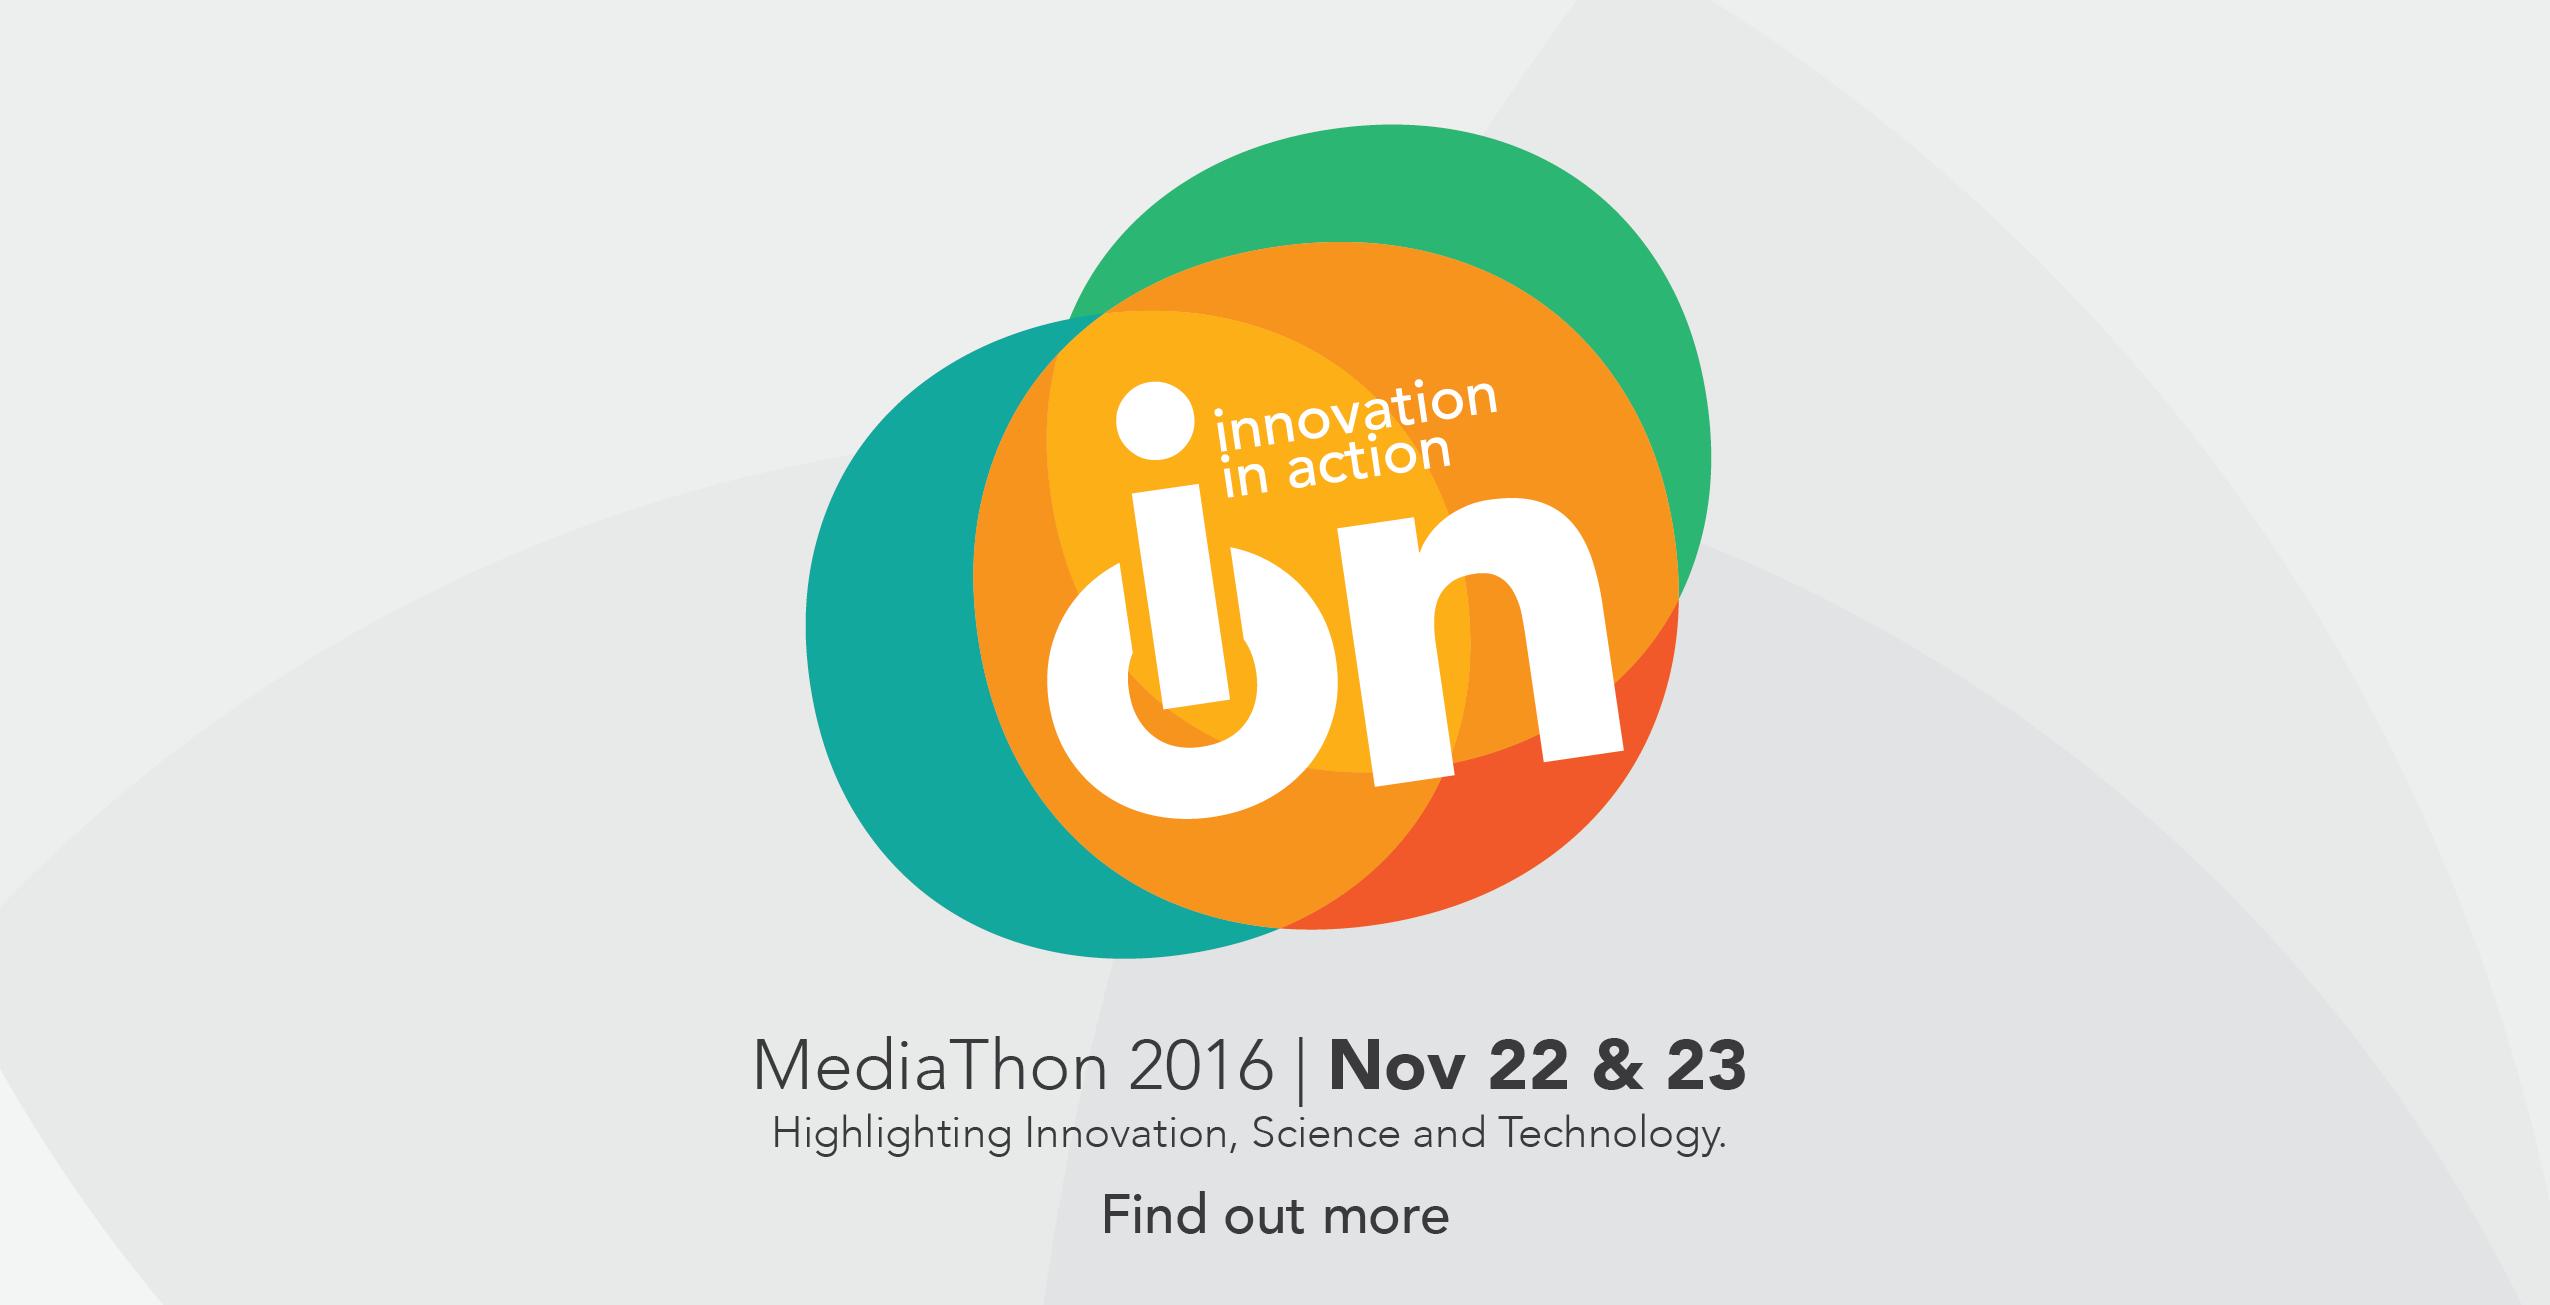 cc-mediathon-1609v3-07